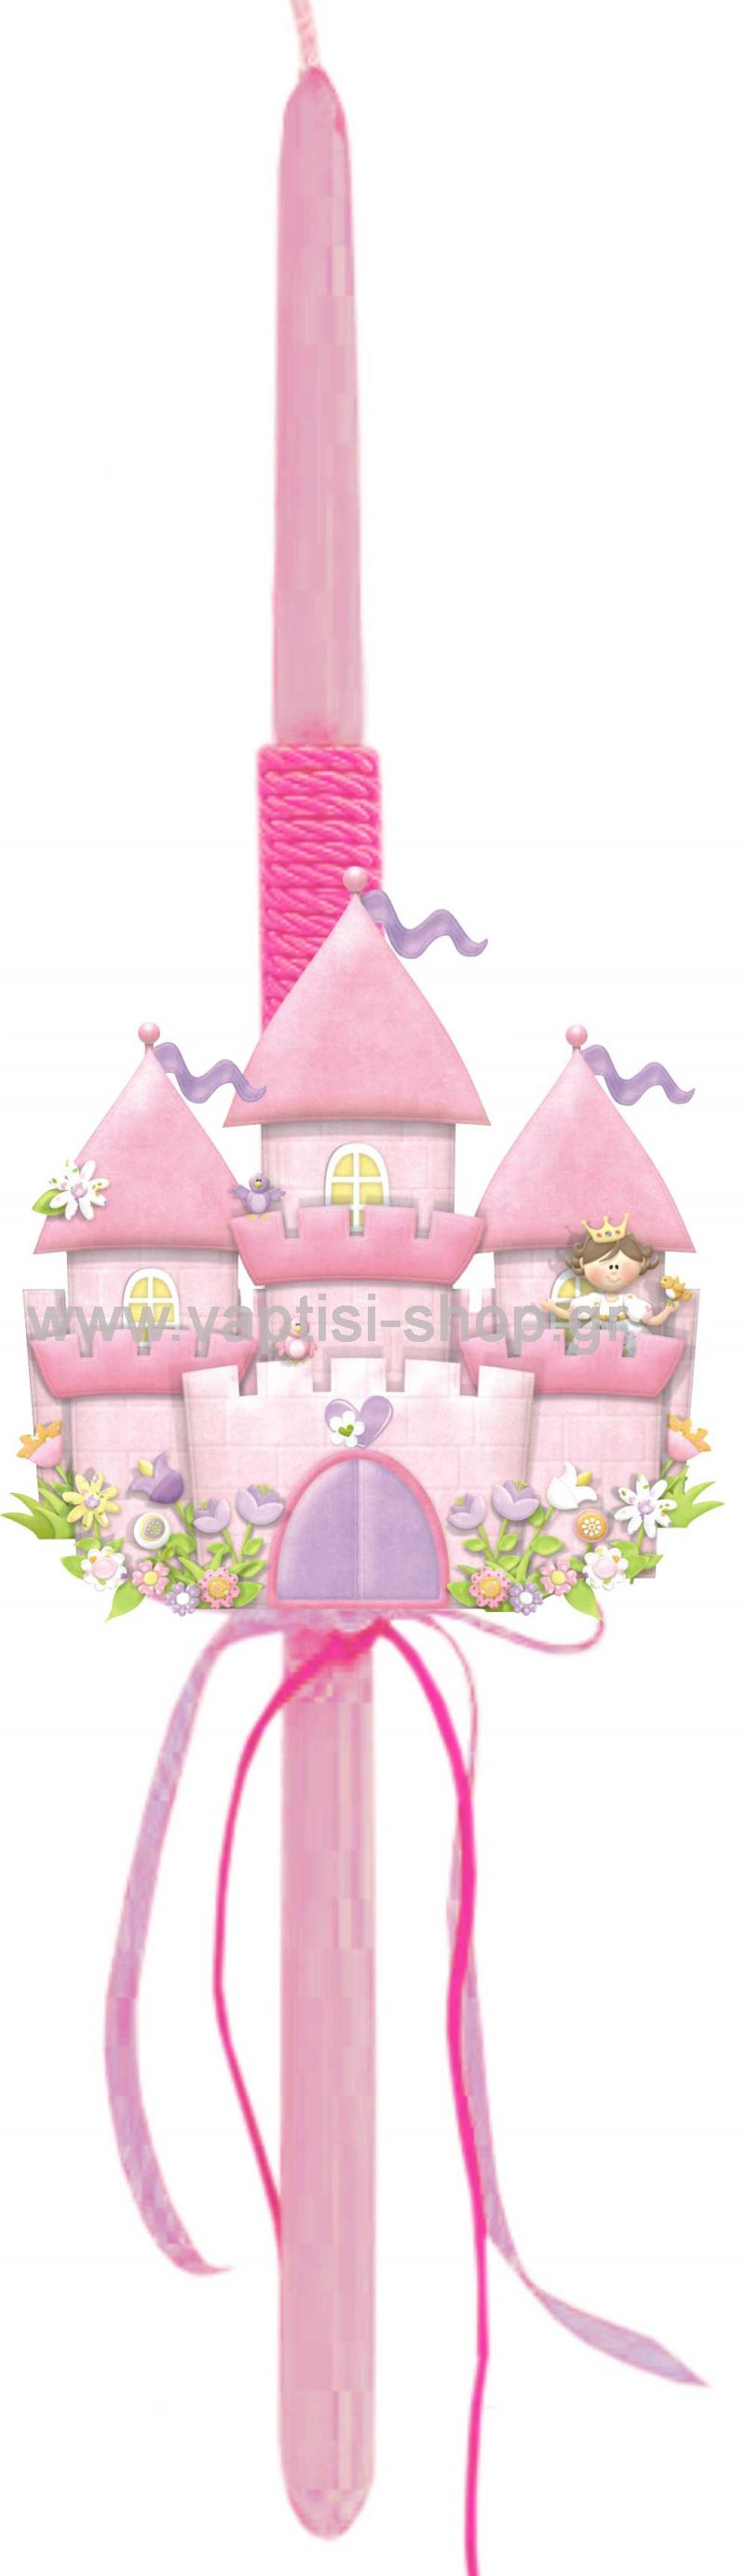 Πασχαλινή Λαμπάδα Κάστρο ροζ